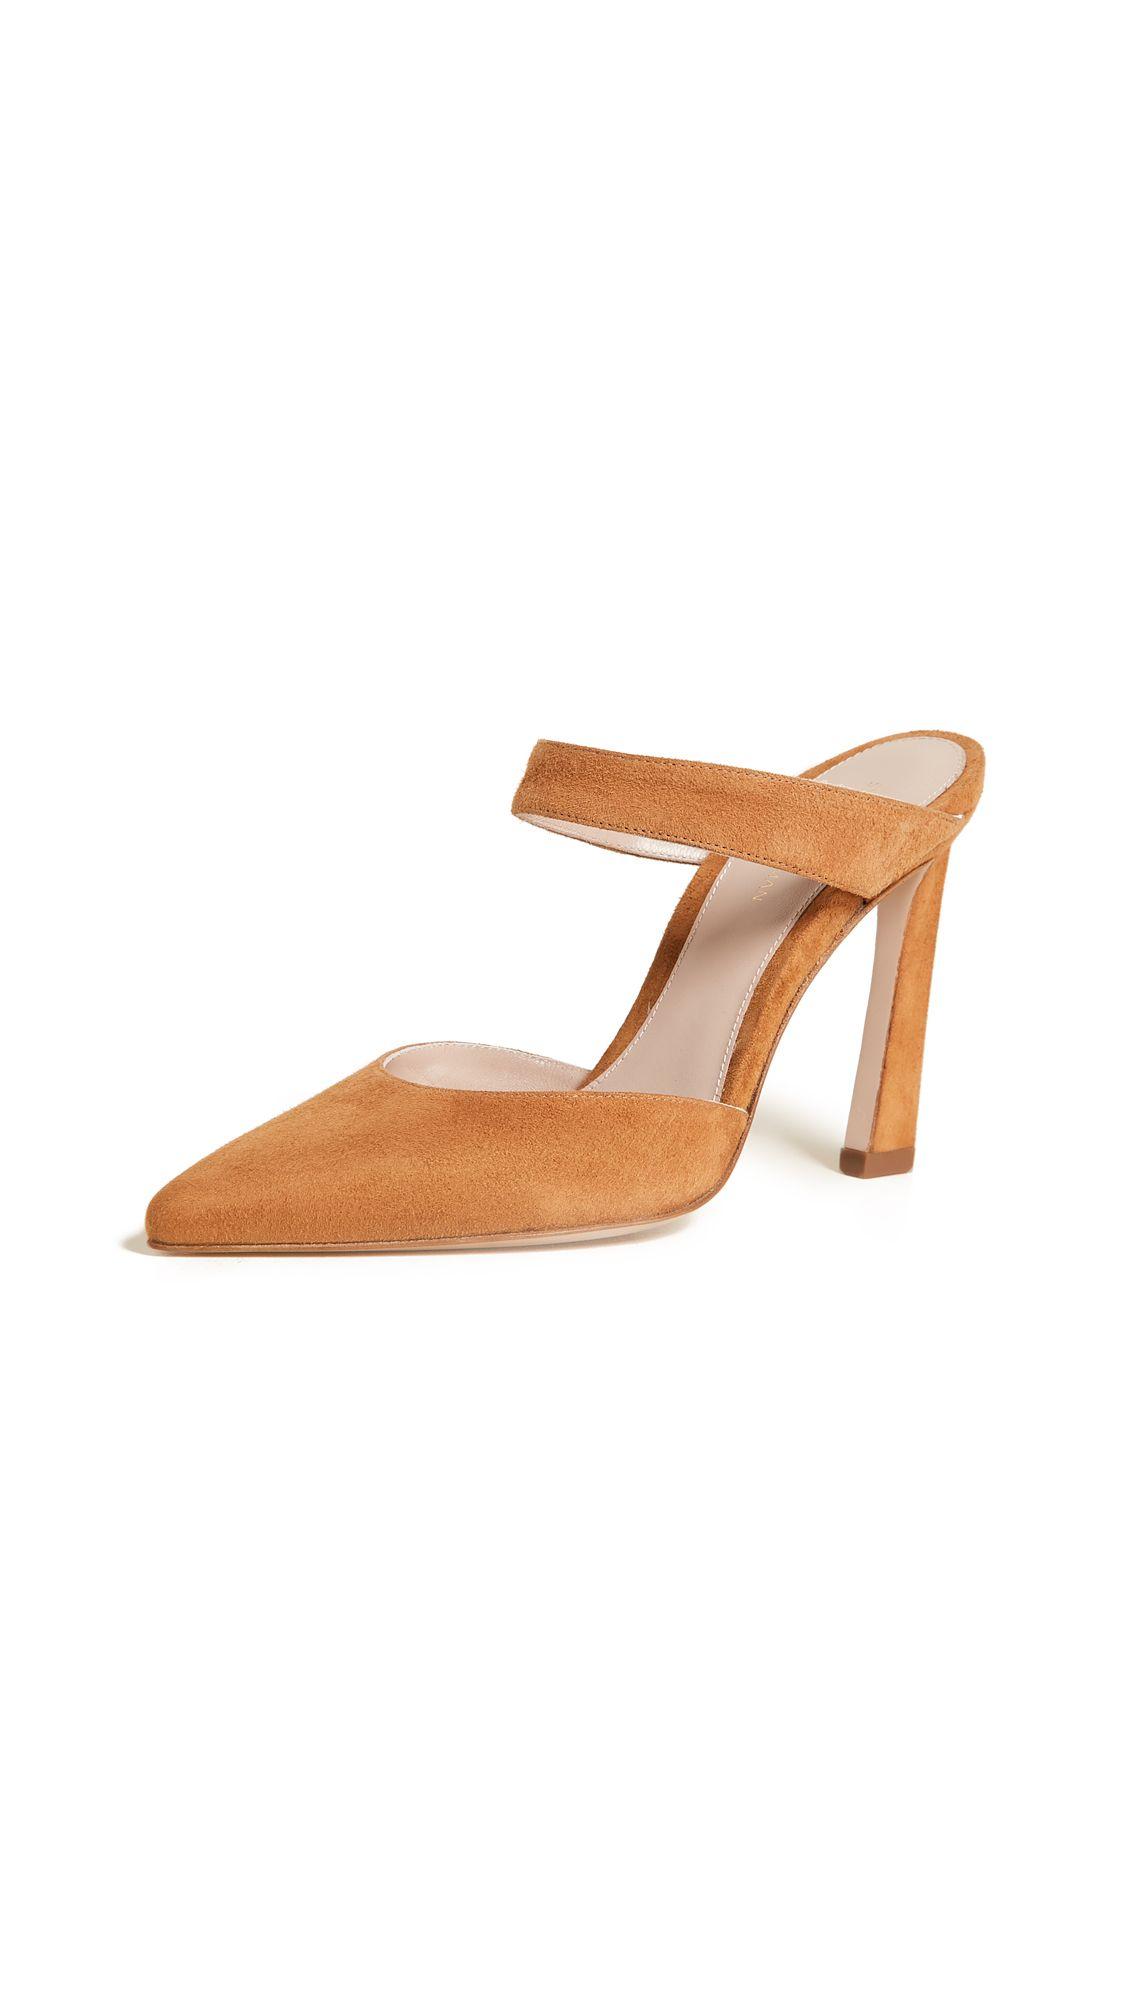 a870016d421 STUART WEITZMAN EVENT MULES. #stuartweitzman #shoes #   Stuart ...